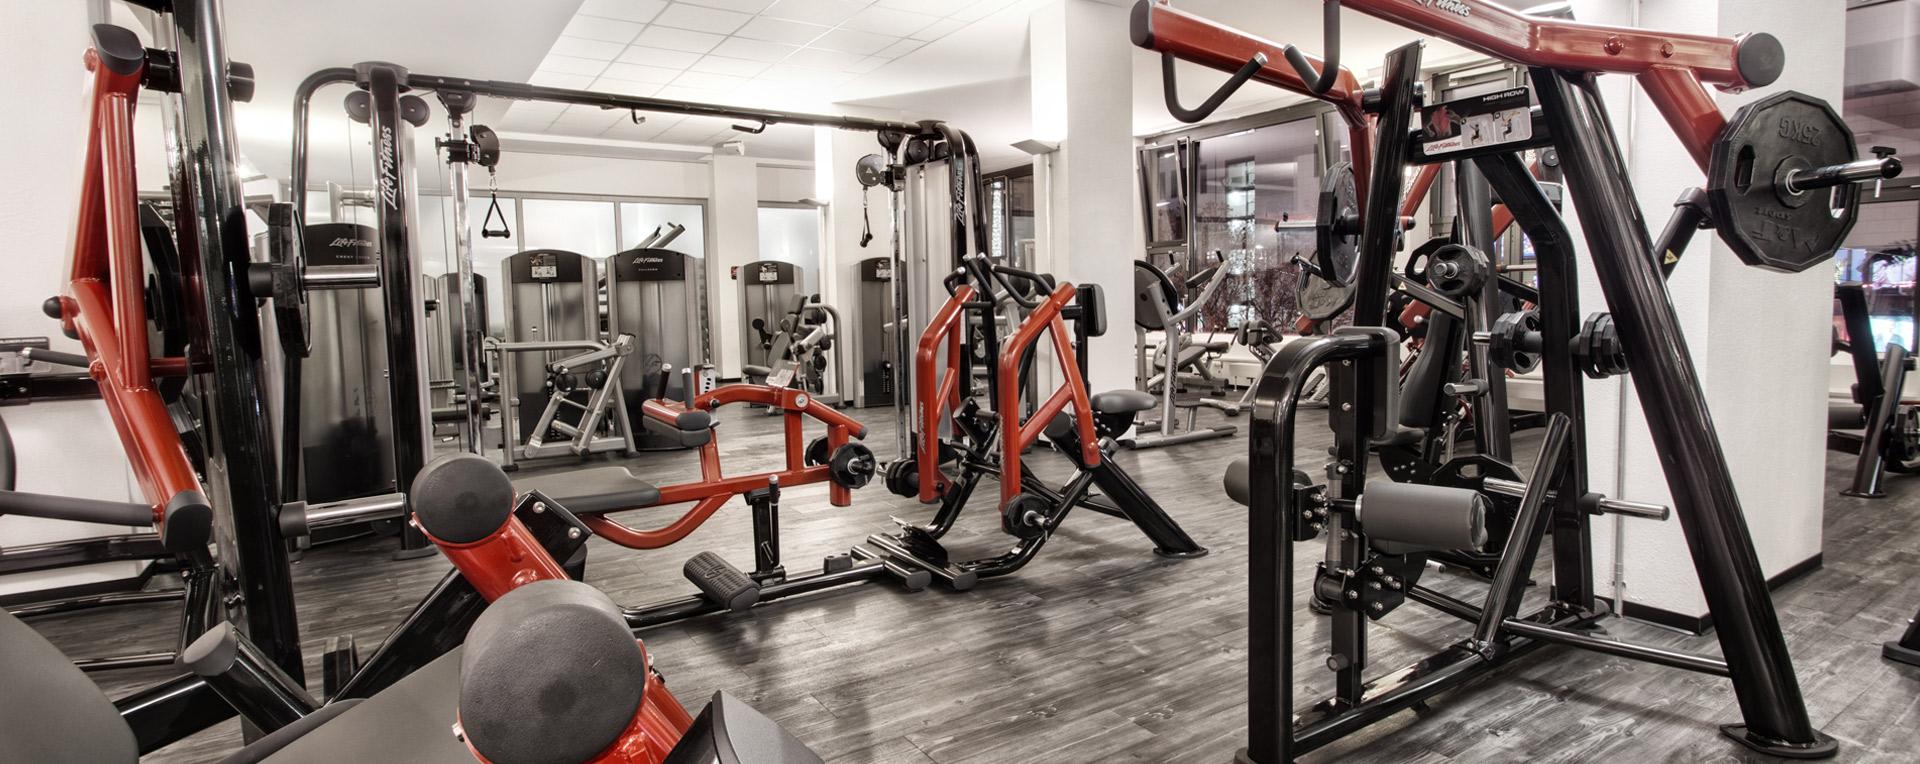 Life Fitness posilňovacie zariadenia